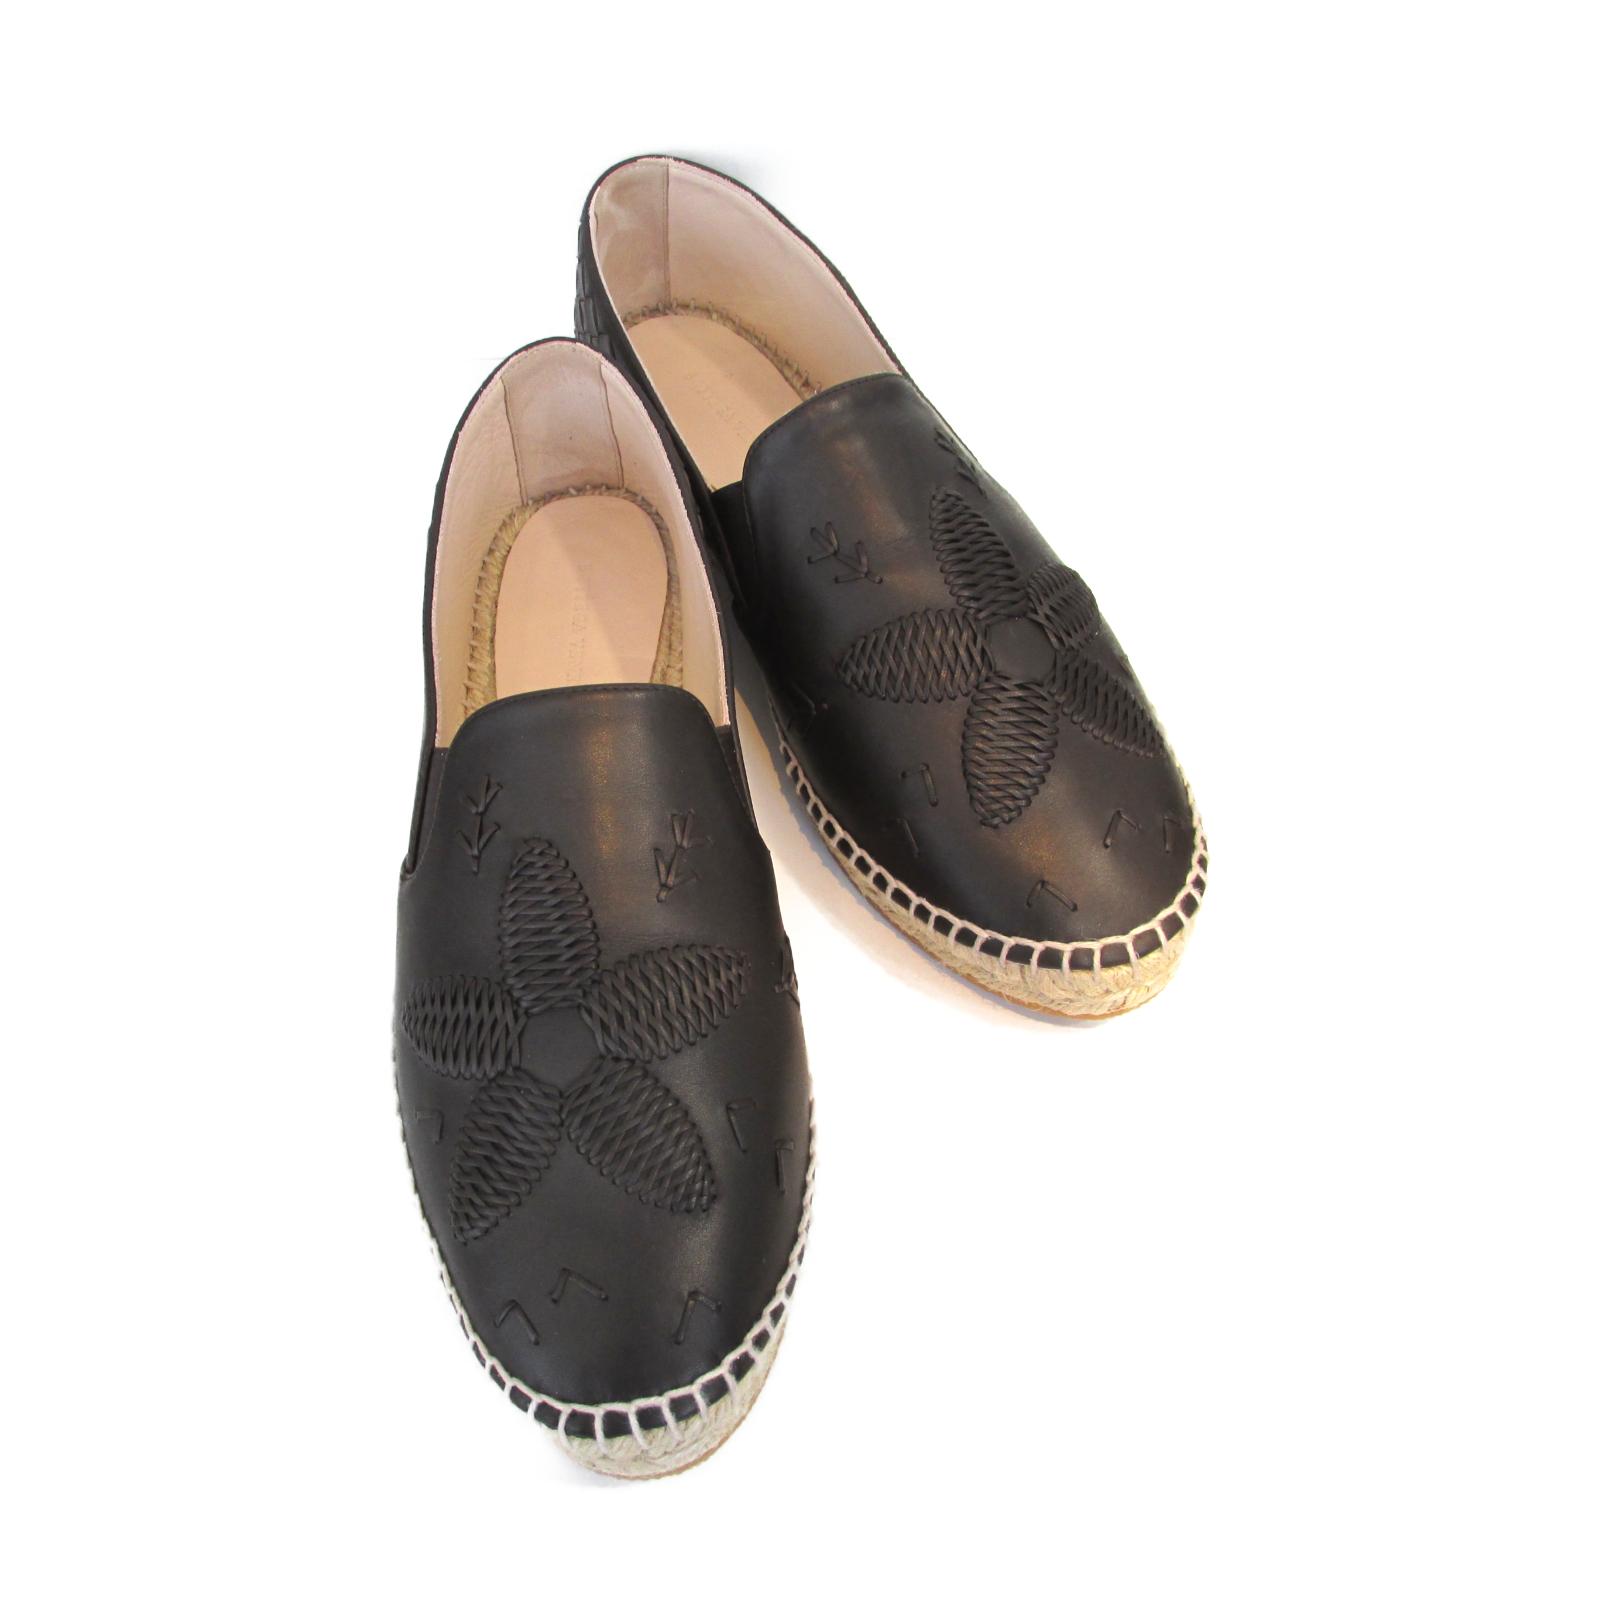 ボッテガヴェネタ その他靴 ランクS ブランドオフ 8 15から ポイント5倍 最大3万円OFFクーポン なくなり次第終了 エスパドリーユ BOTTEGAVENETA ブラウン系 レザー 特売 茶色 中古 レディース 出荷 ベージュ系 靴